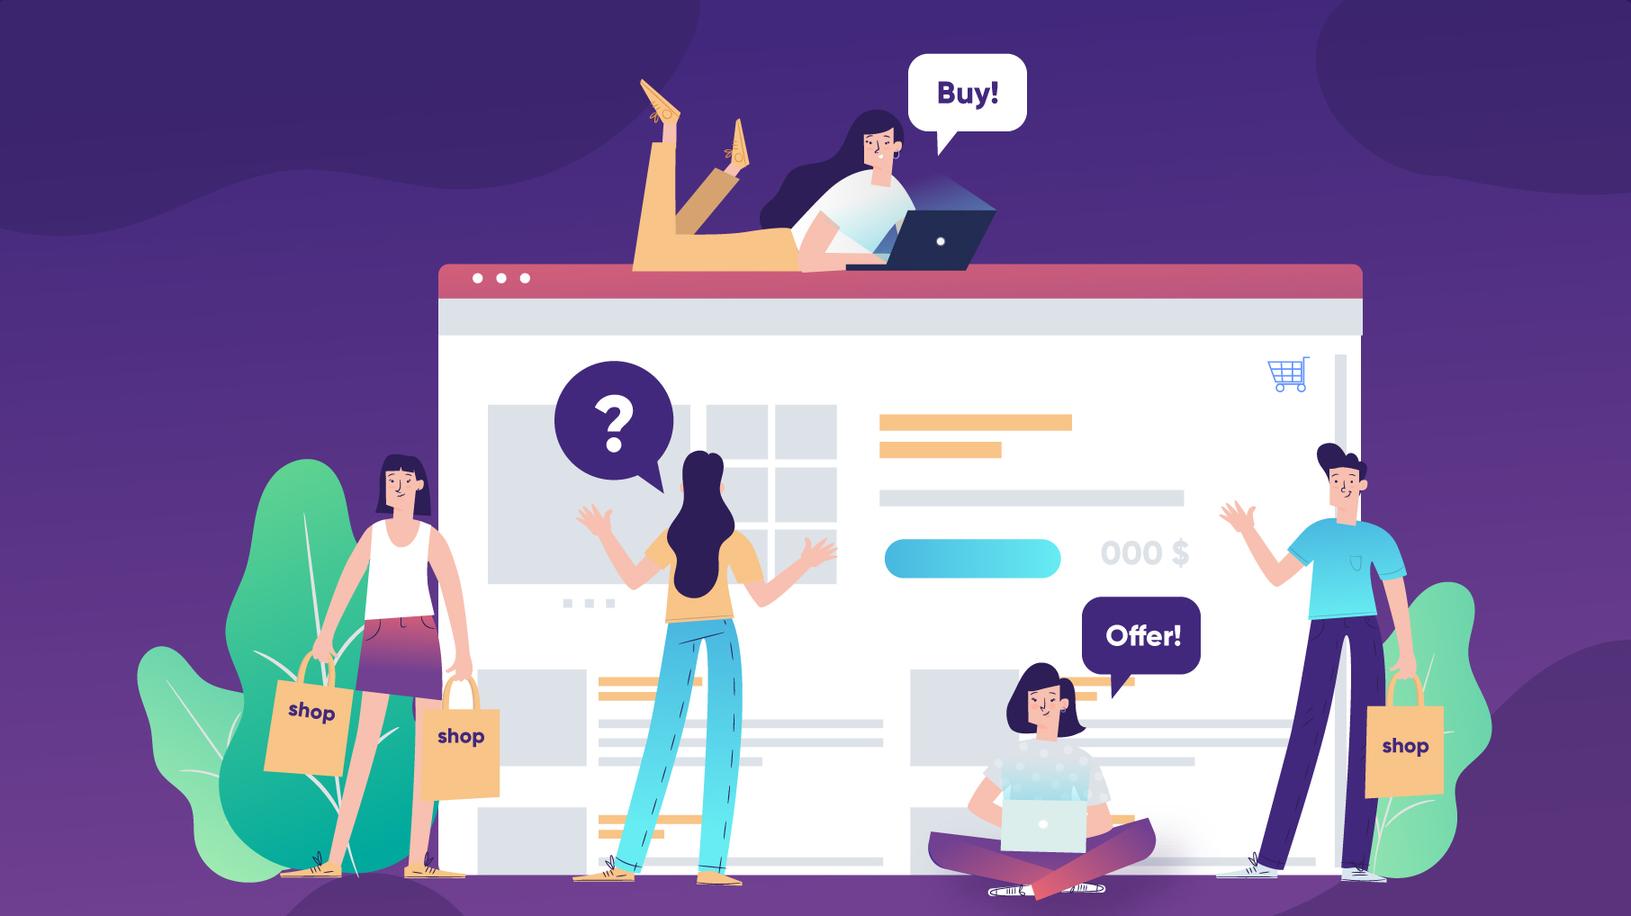 Thiết kế web landing page là gì? Vì sao cần thiết kế web landing page?